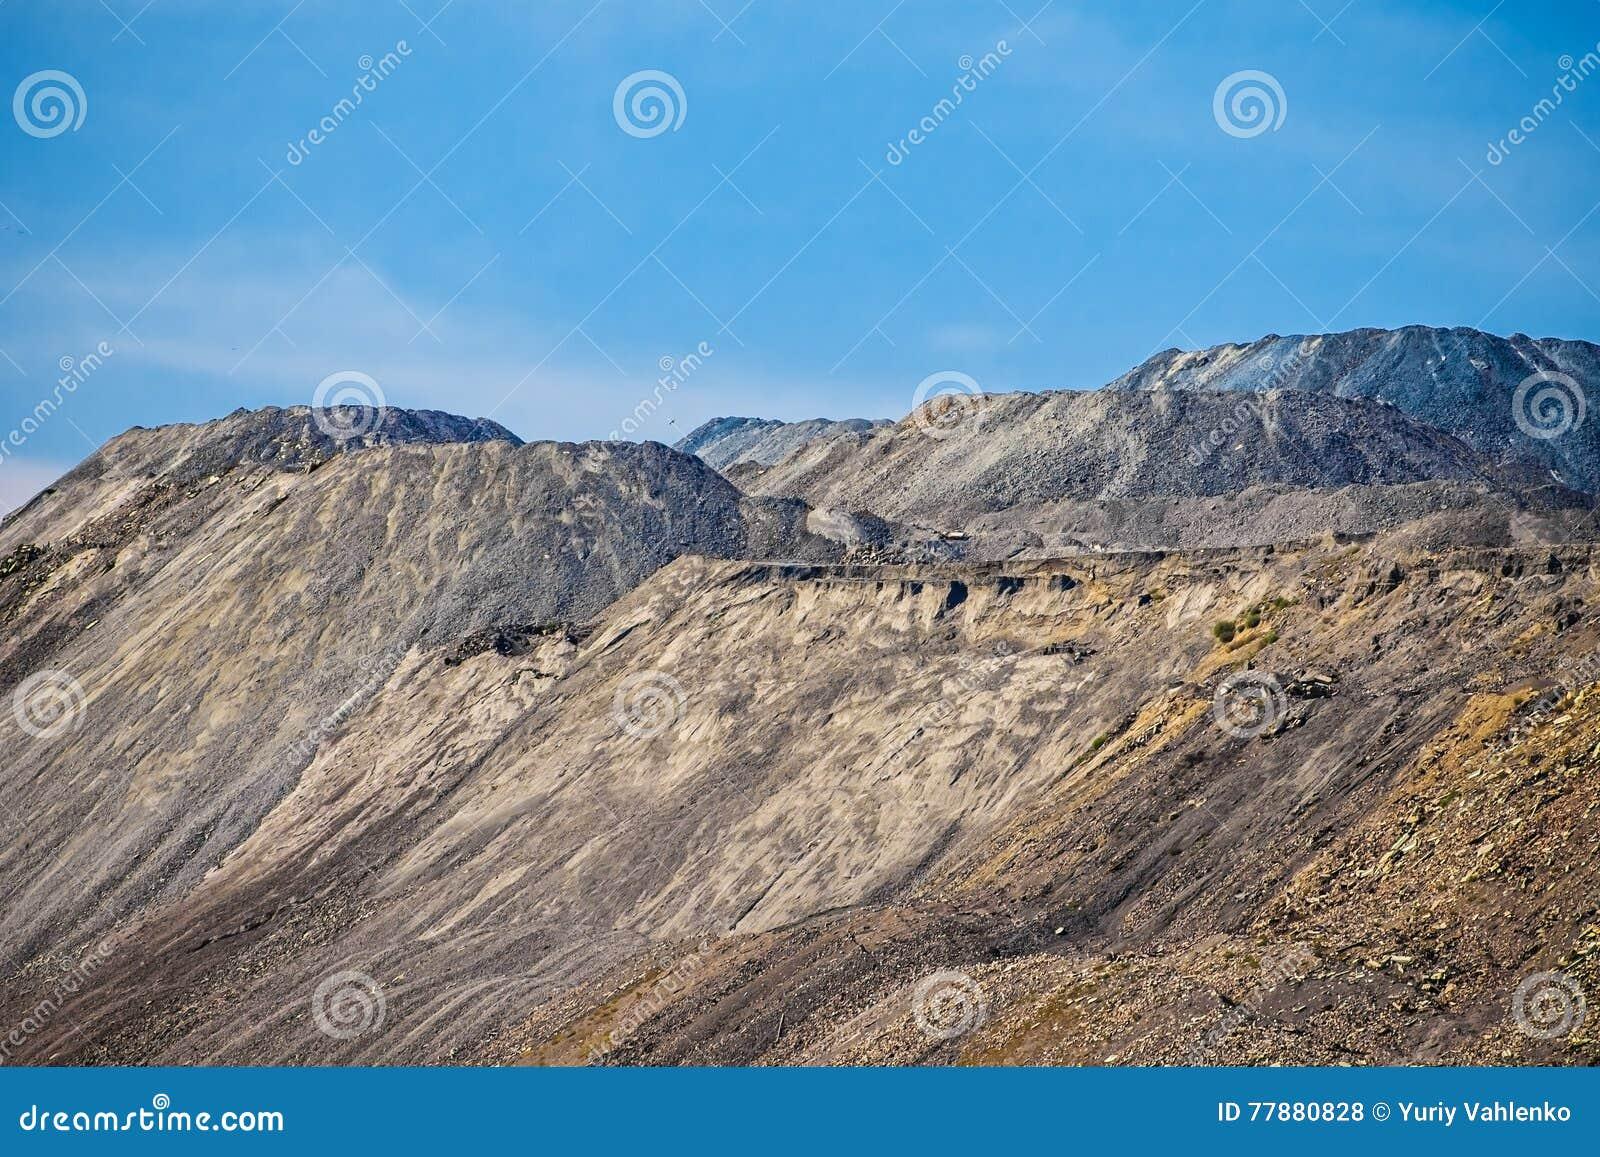 Montaña Y Sus Cuestas, Fondo De La Naturaleza Foto de archivo